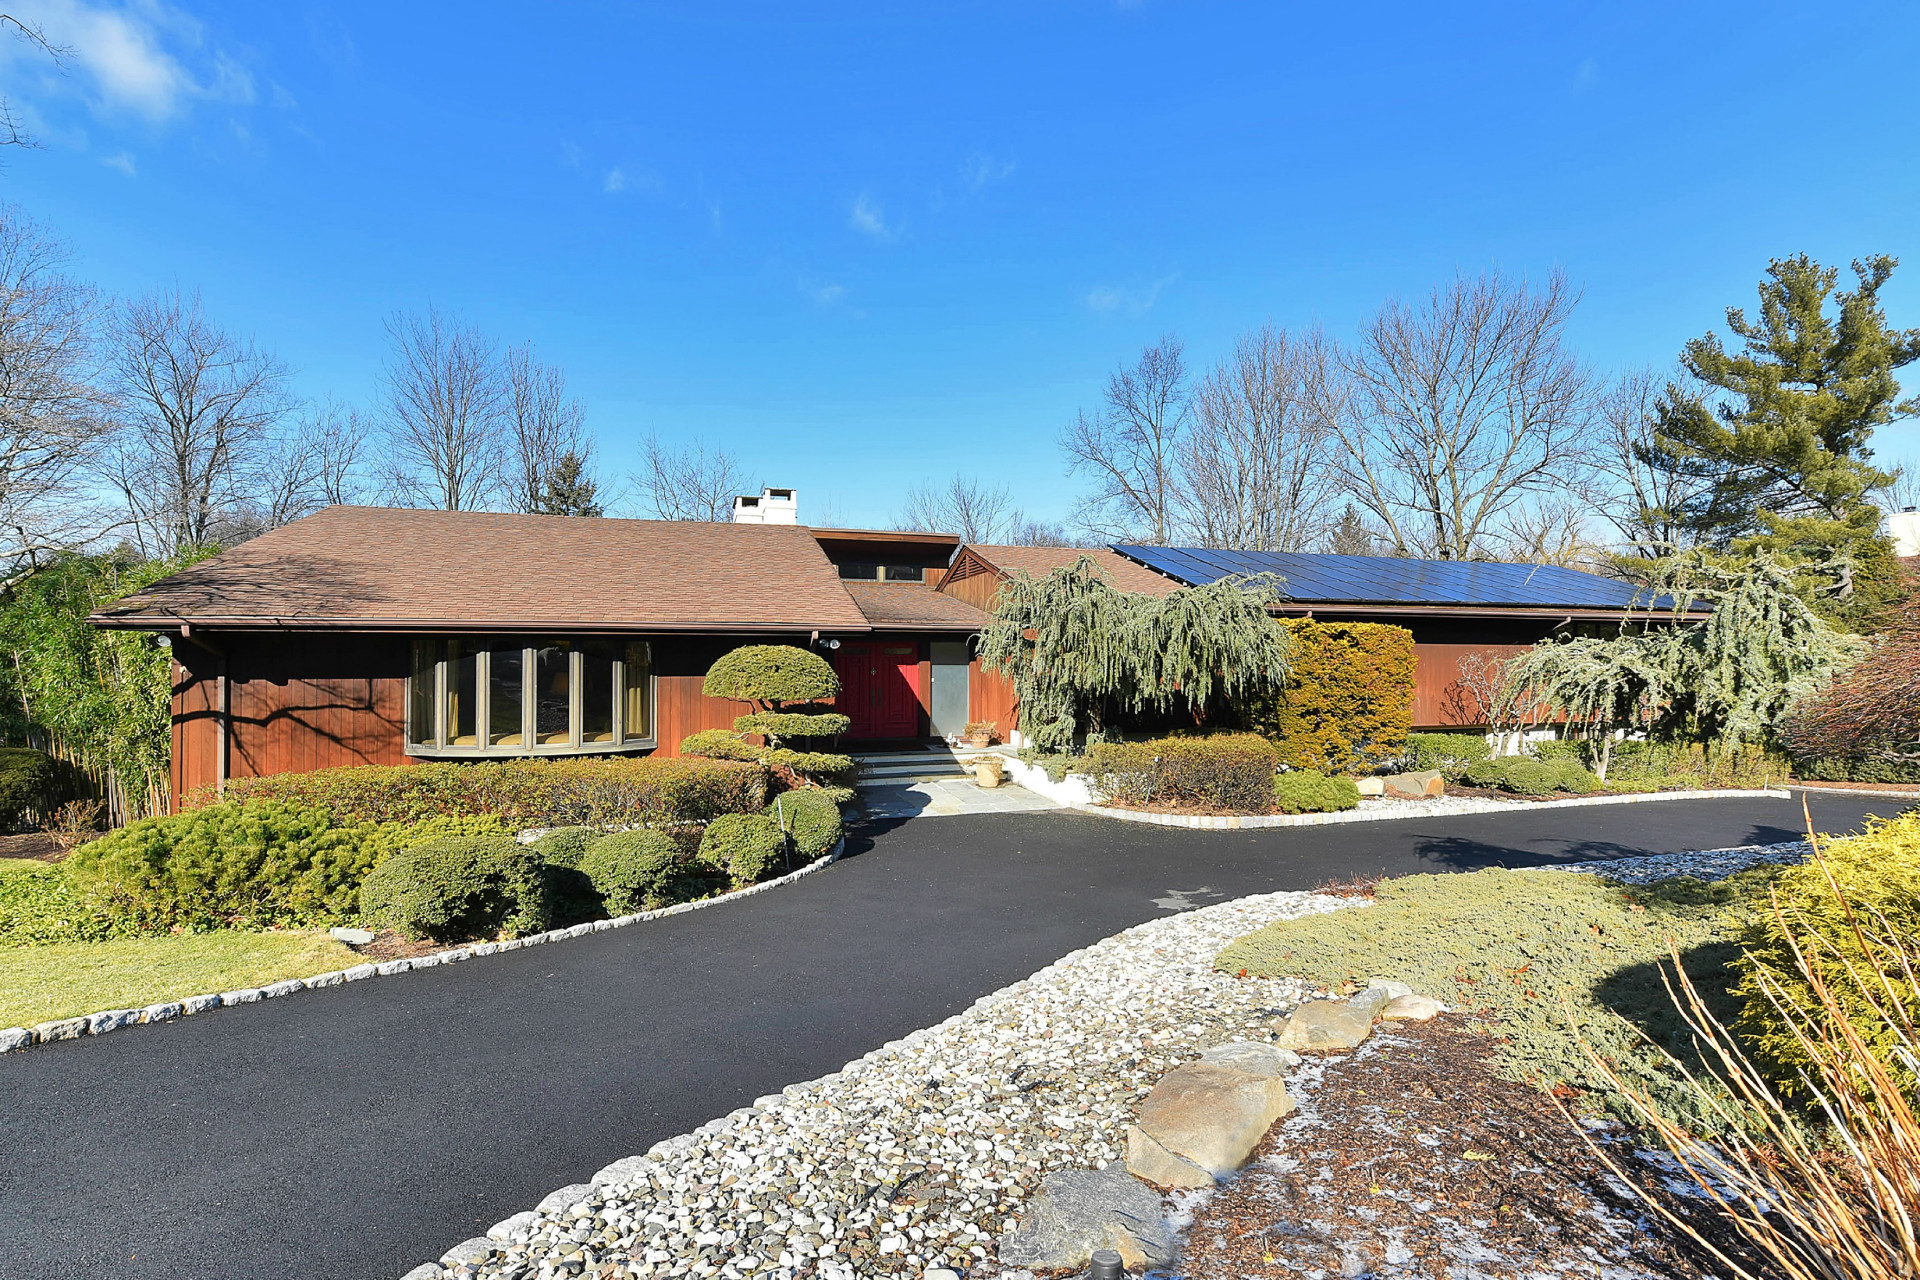 独户住宅 为 销售 在 Sprawling Contemporary 28 Sunderland Rd. 特纳弗莱, 新泽西州 07670 美国